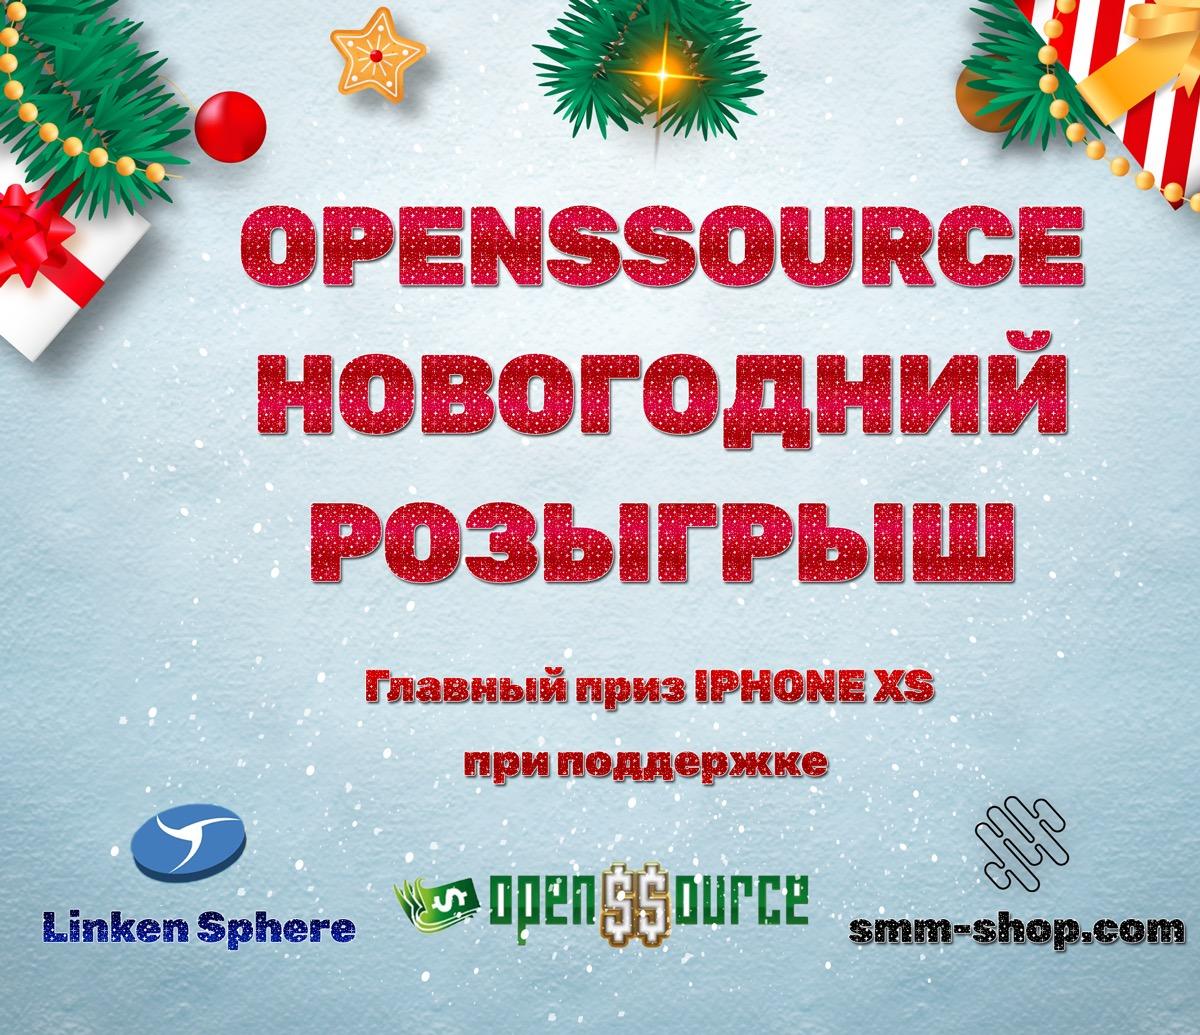 konkurs2019 Большой Новогодний розыгрыш от OPENSSOURCE! Главный приз iPhone XS! При поддержке Linken Sphere и SMM SHOP!